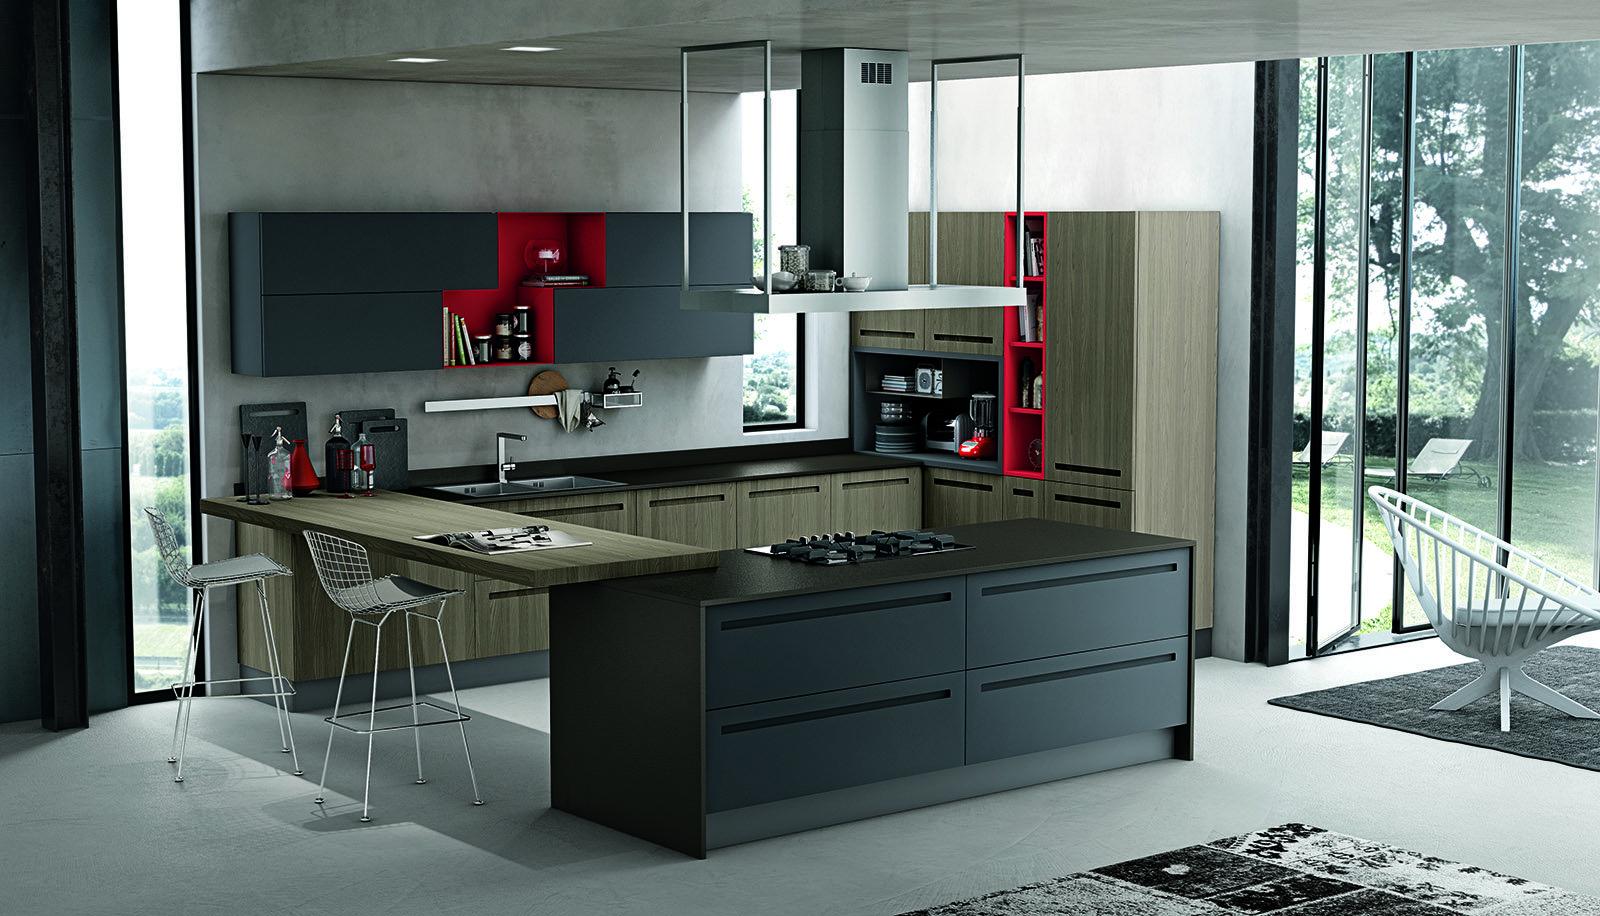 Cucine a tinte scure cose di casa - Cucine buone ...